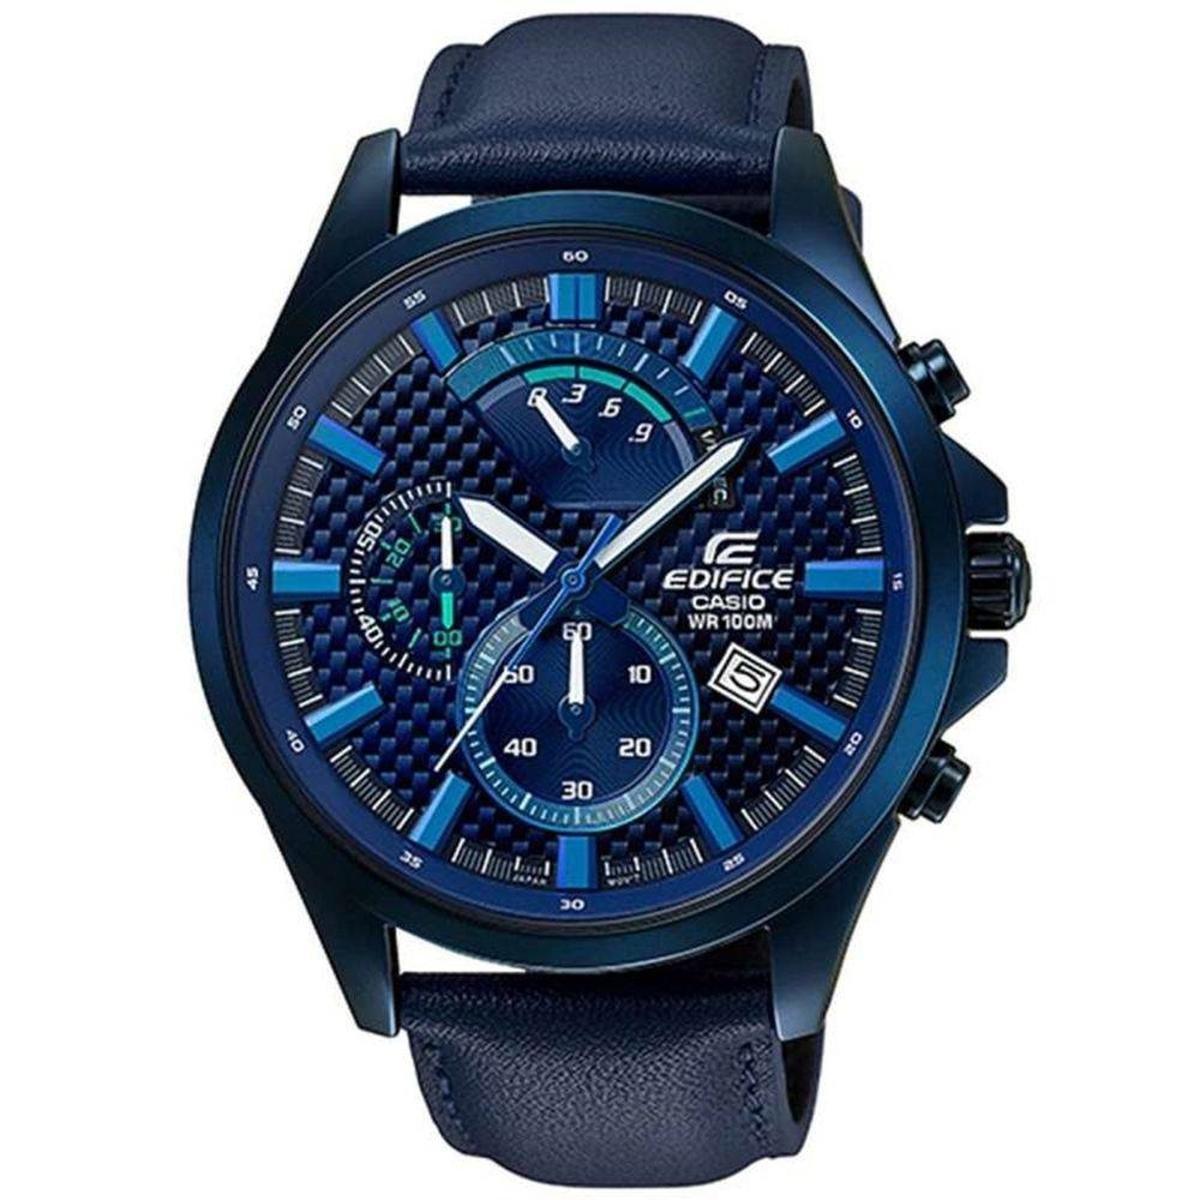 6c66b352117 Relógio Masculino Casio Edifice Efv 530Bl 2Avudf - Azul - Compre ...